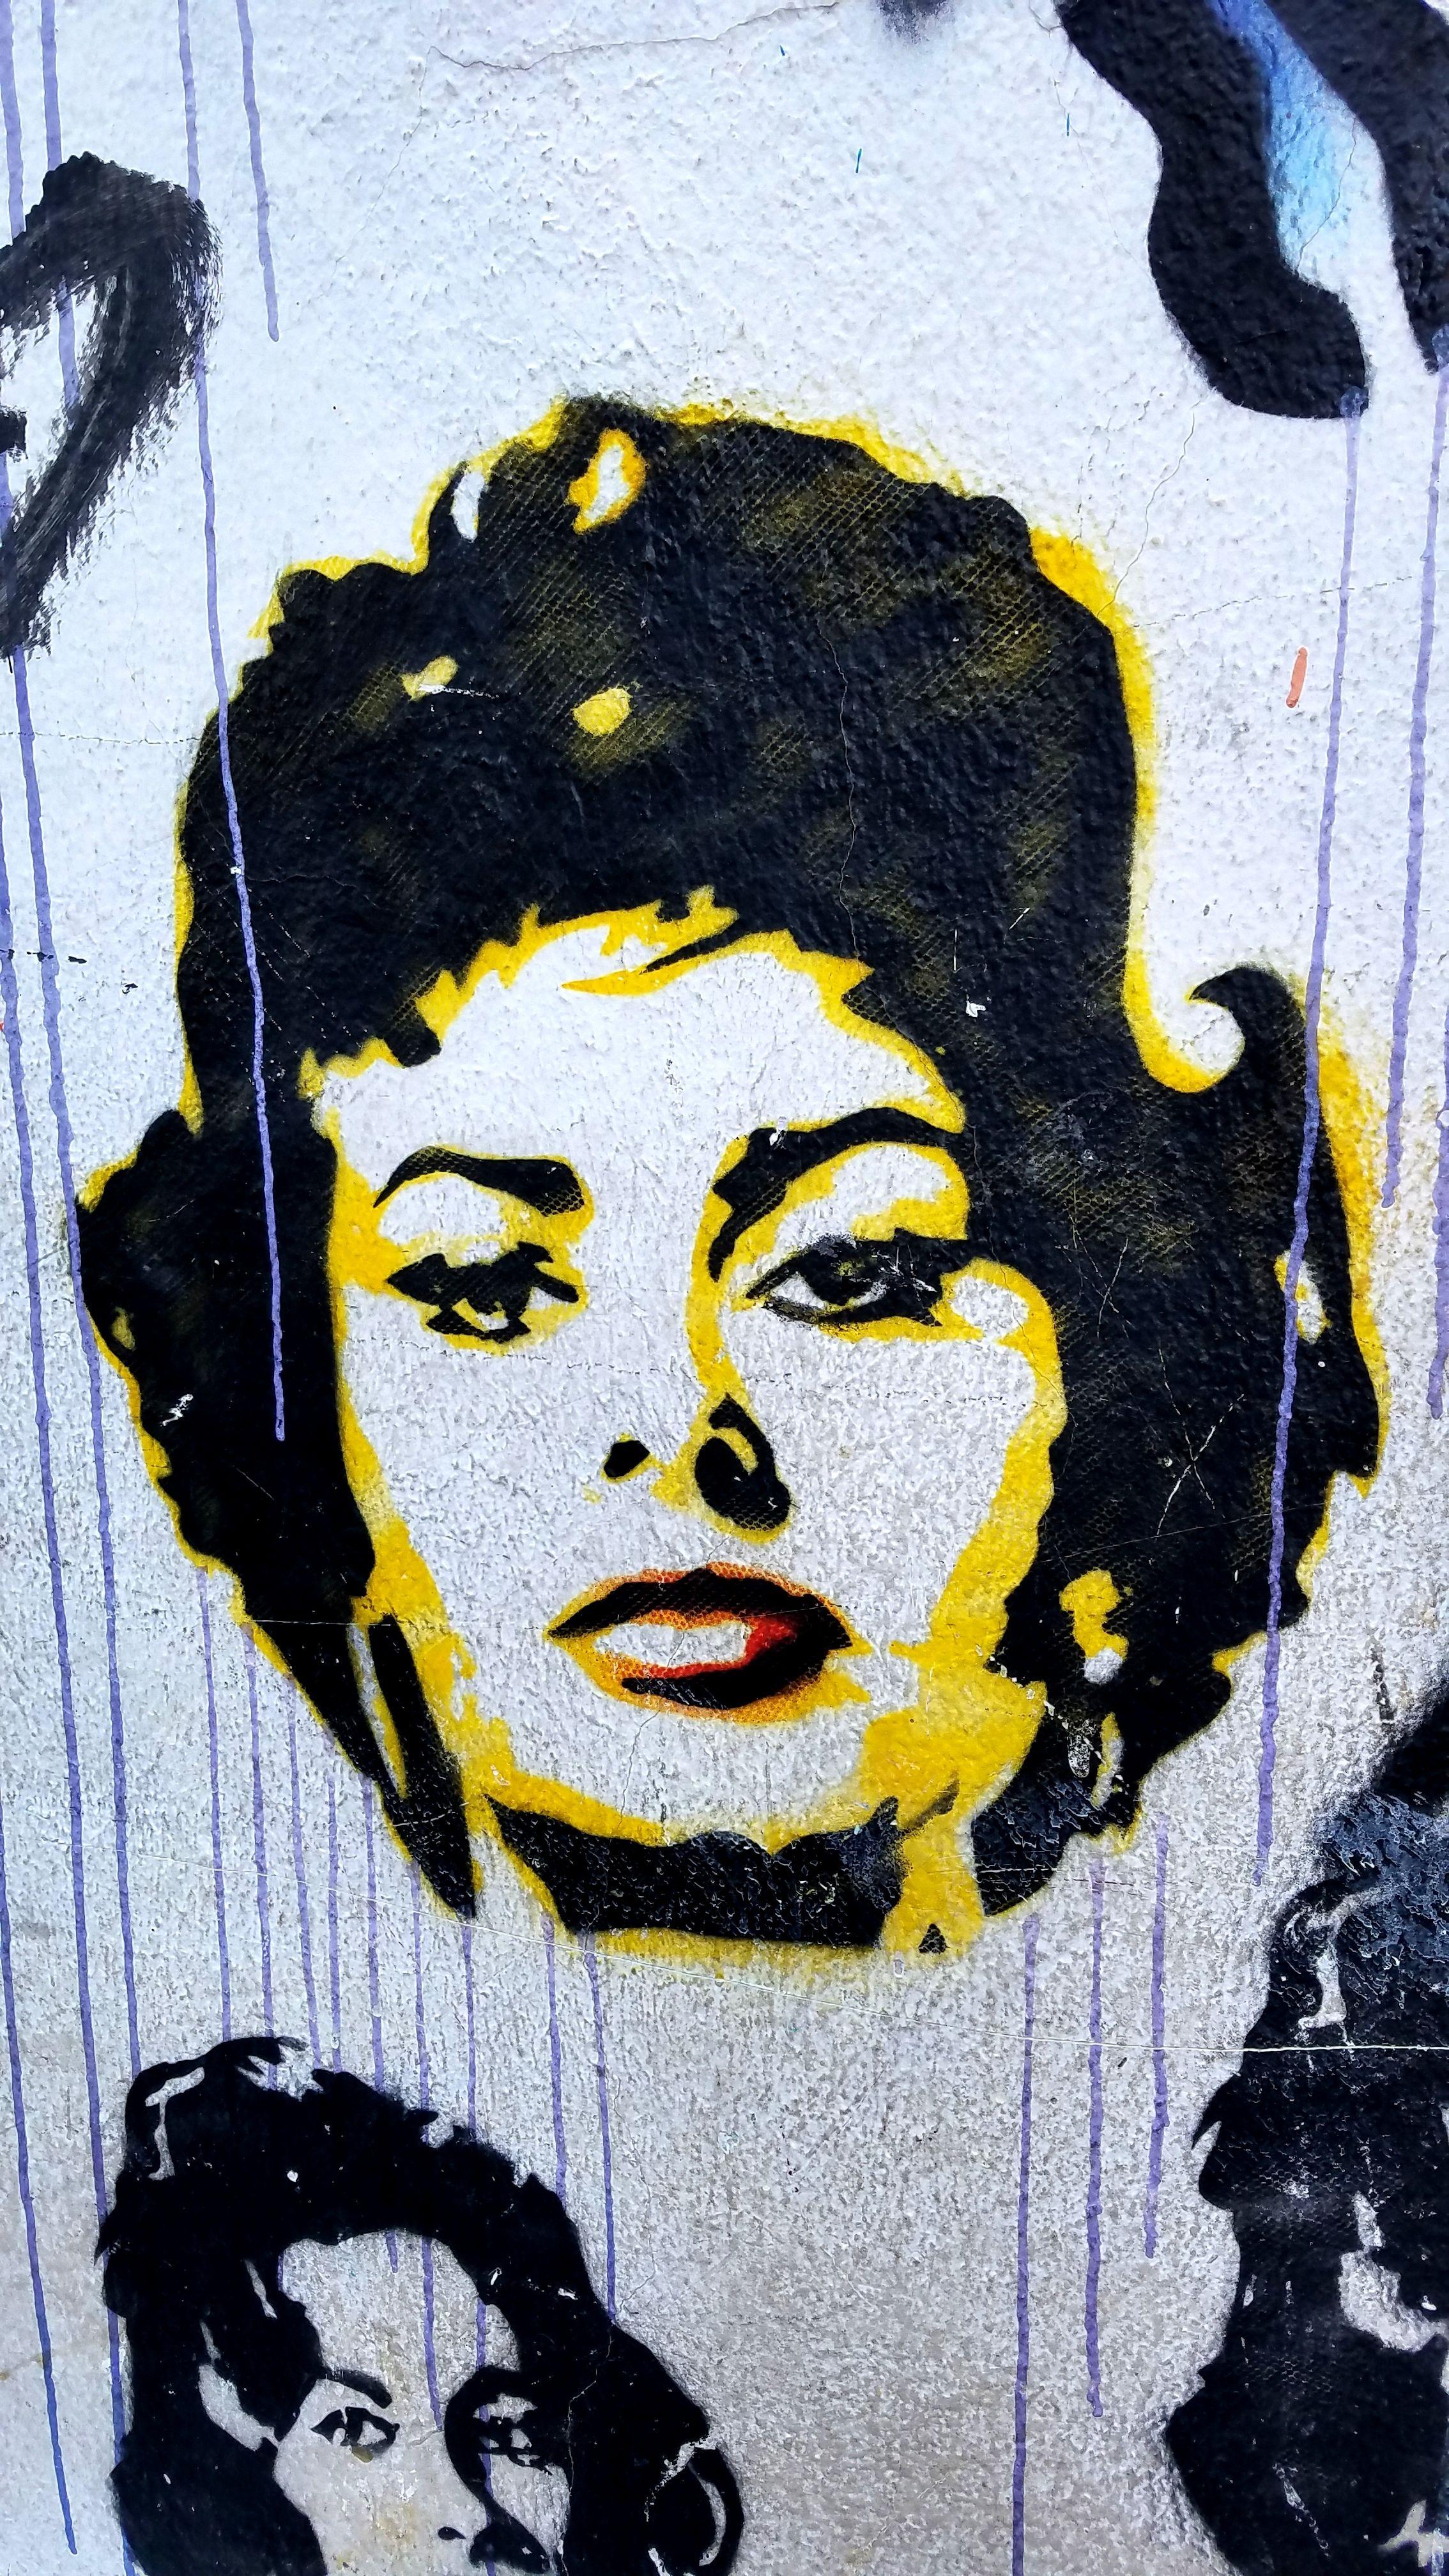 São paulo brasil street art u graffiti sophia lauren you look